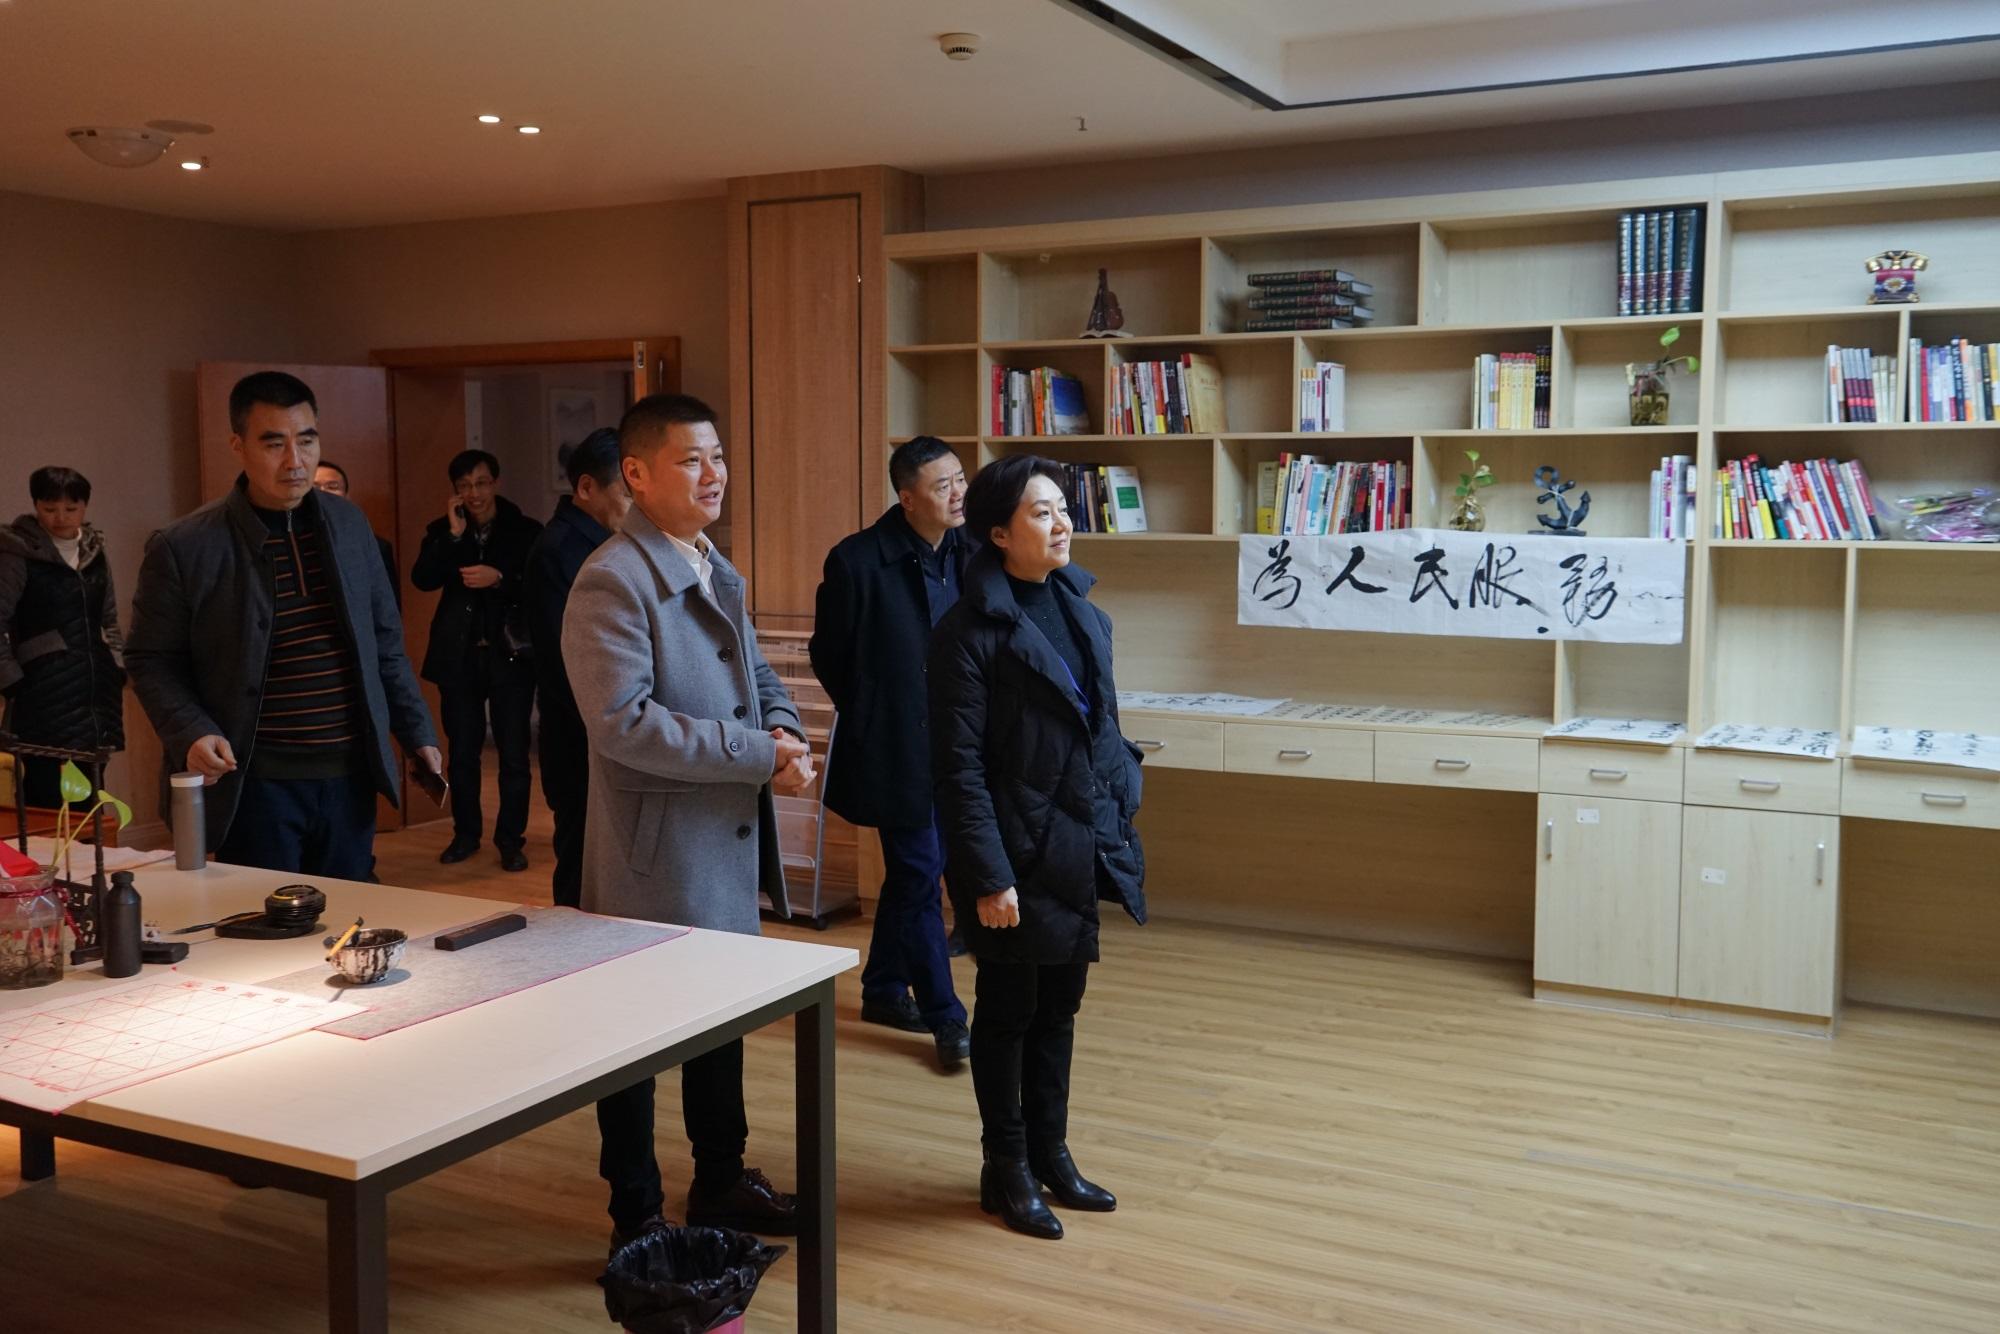 5参观书画阅览室,观看老人字画.JPG